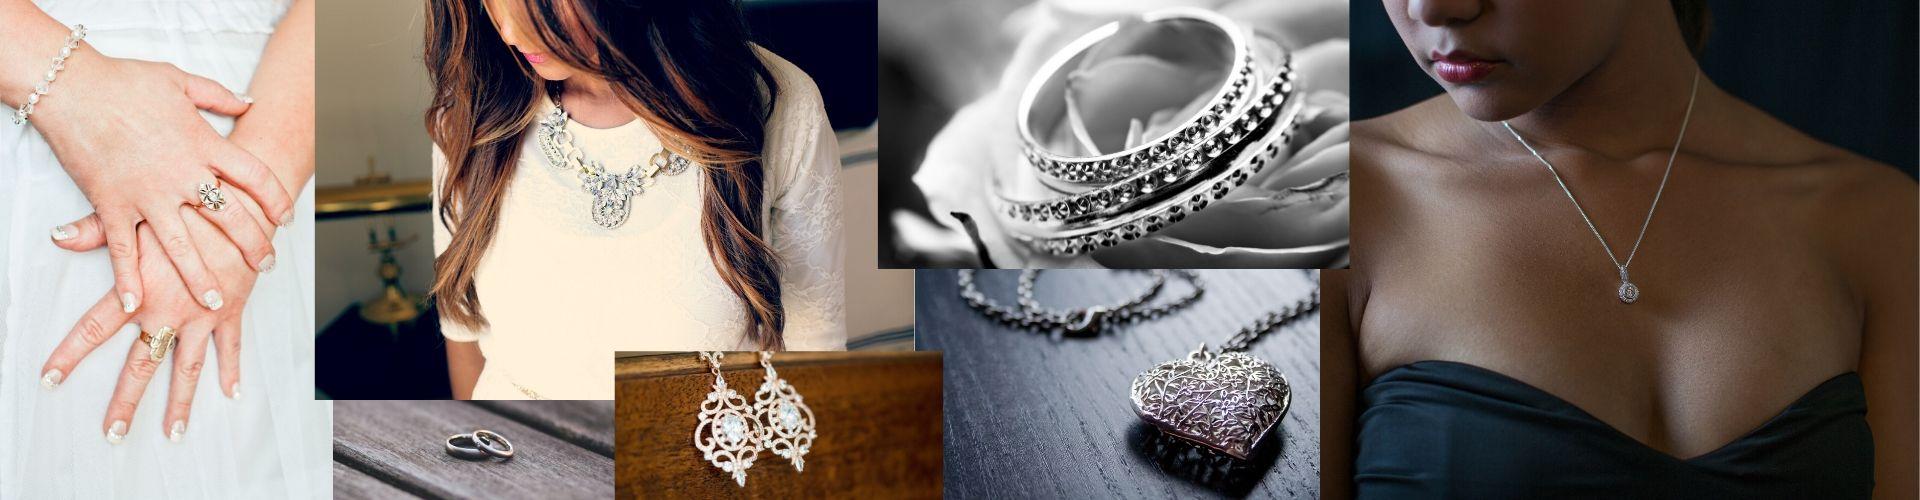 Schmuck - Halsketten - Armreifen - Ringe